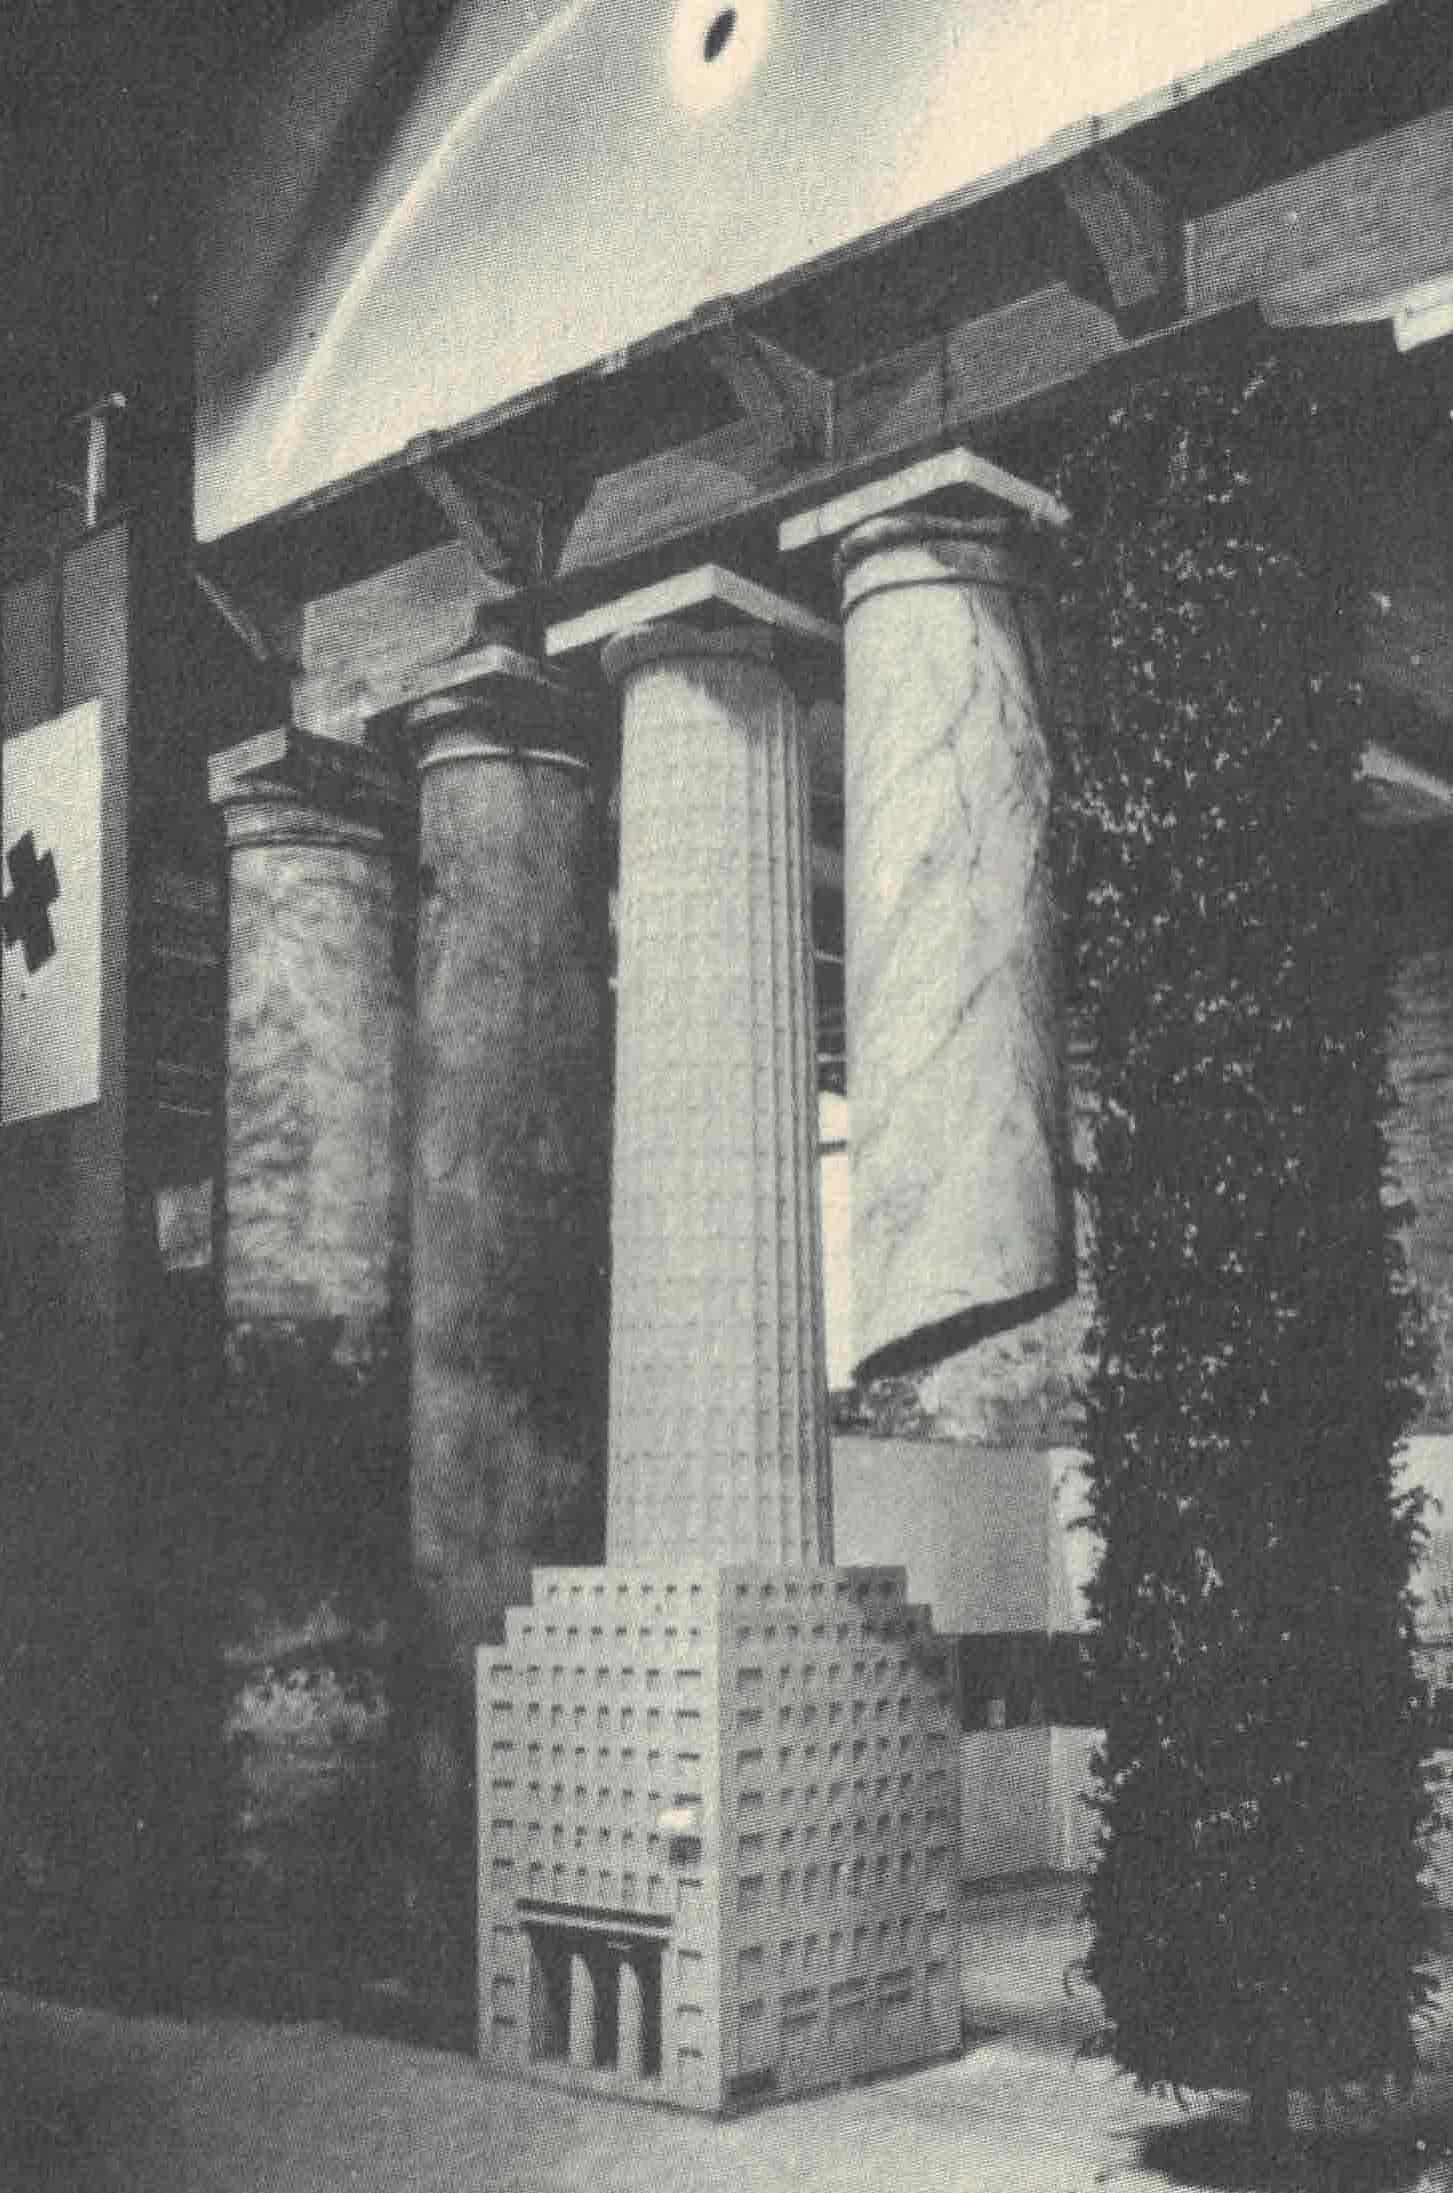 Figura 4. Hans Hollein, Fachada na Strada Novissima